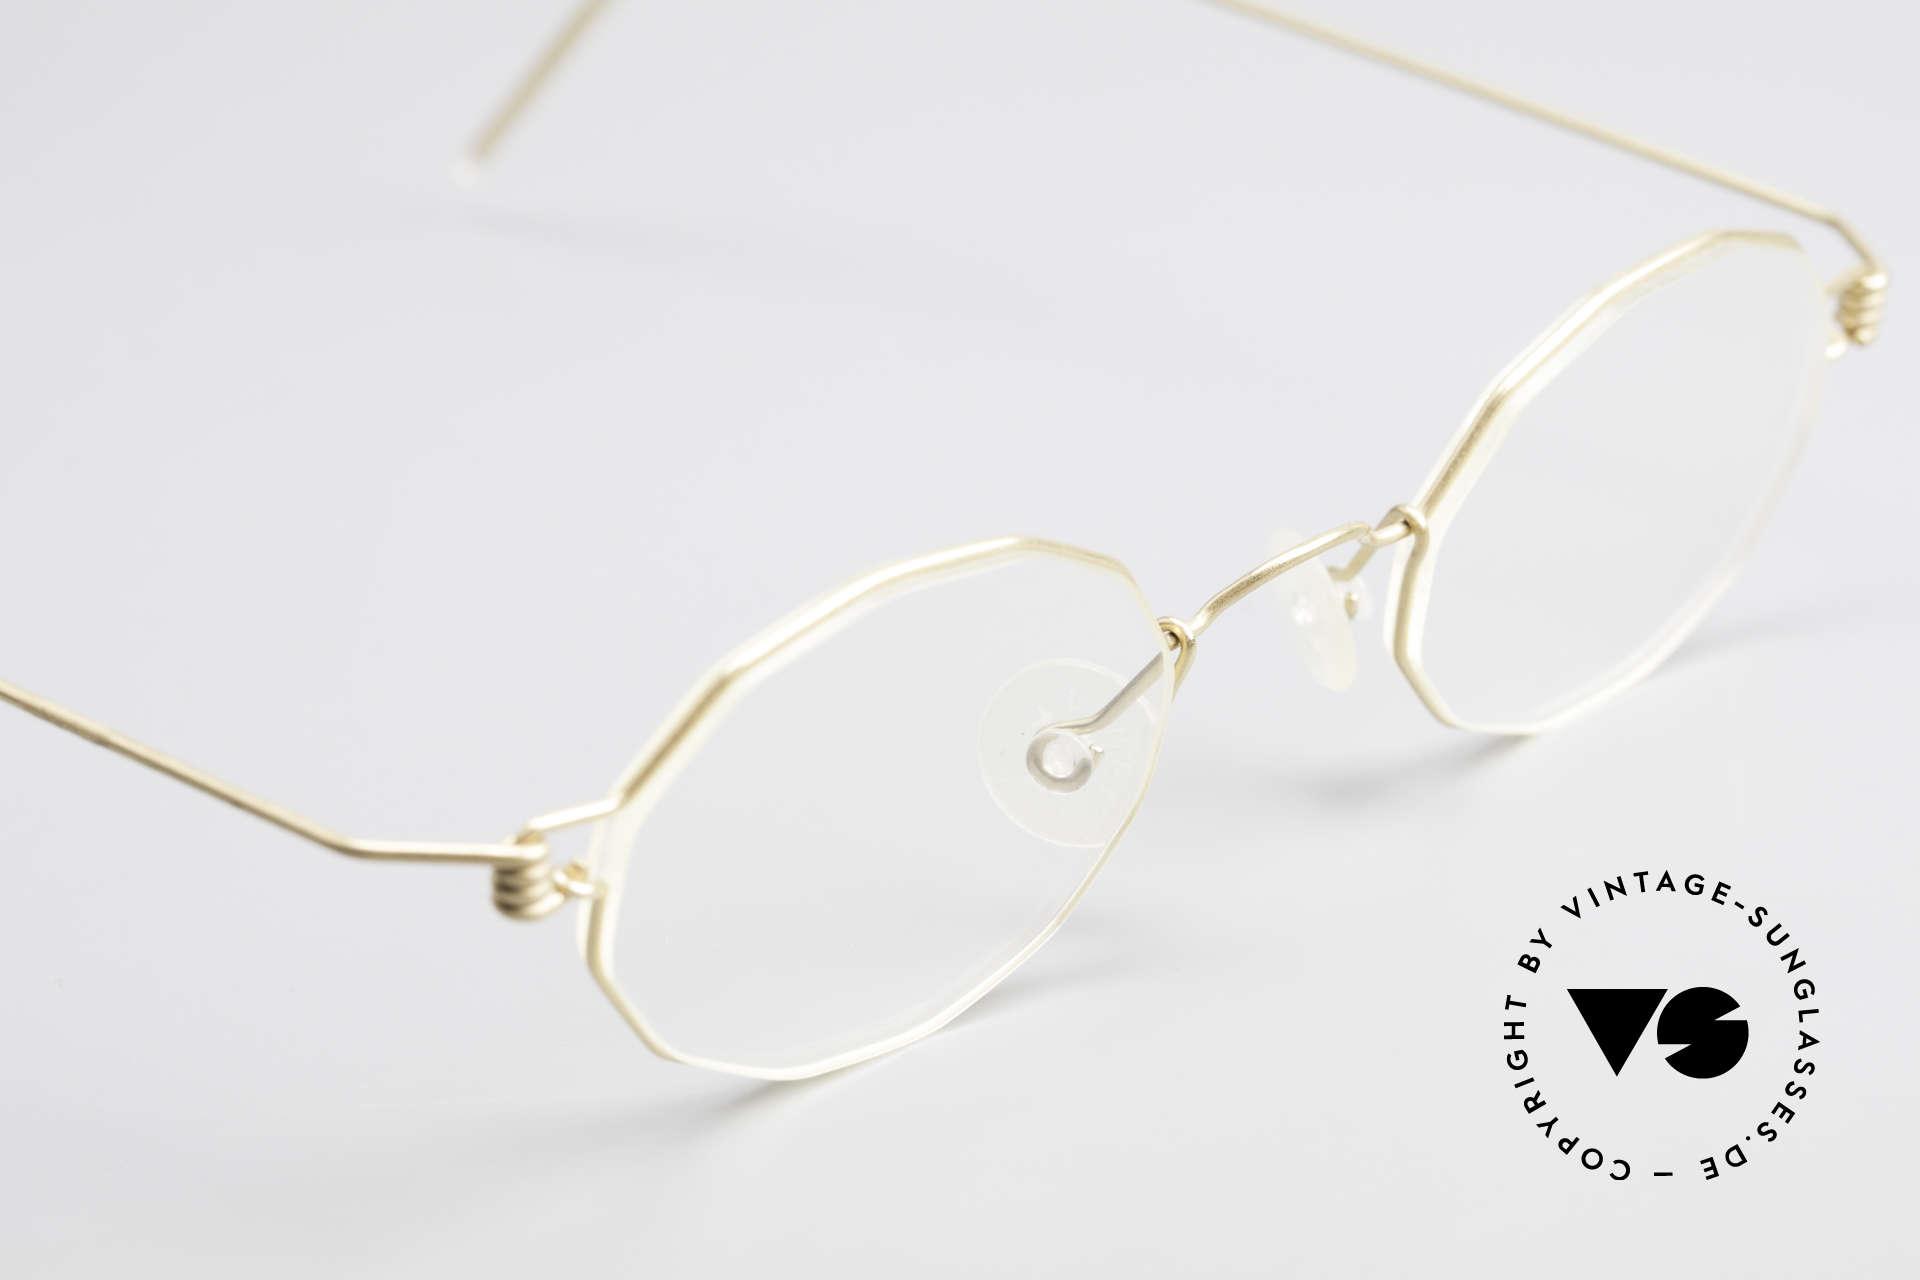 Lindberg Zeta Air Titan Rim Small Titanium Brille Unisex, eleganter Rahmen ohne Schrauben, Nieten oder Lötungen, Passend für Herren und Damen